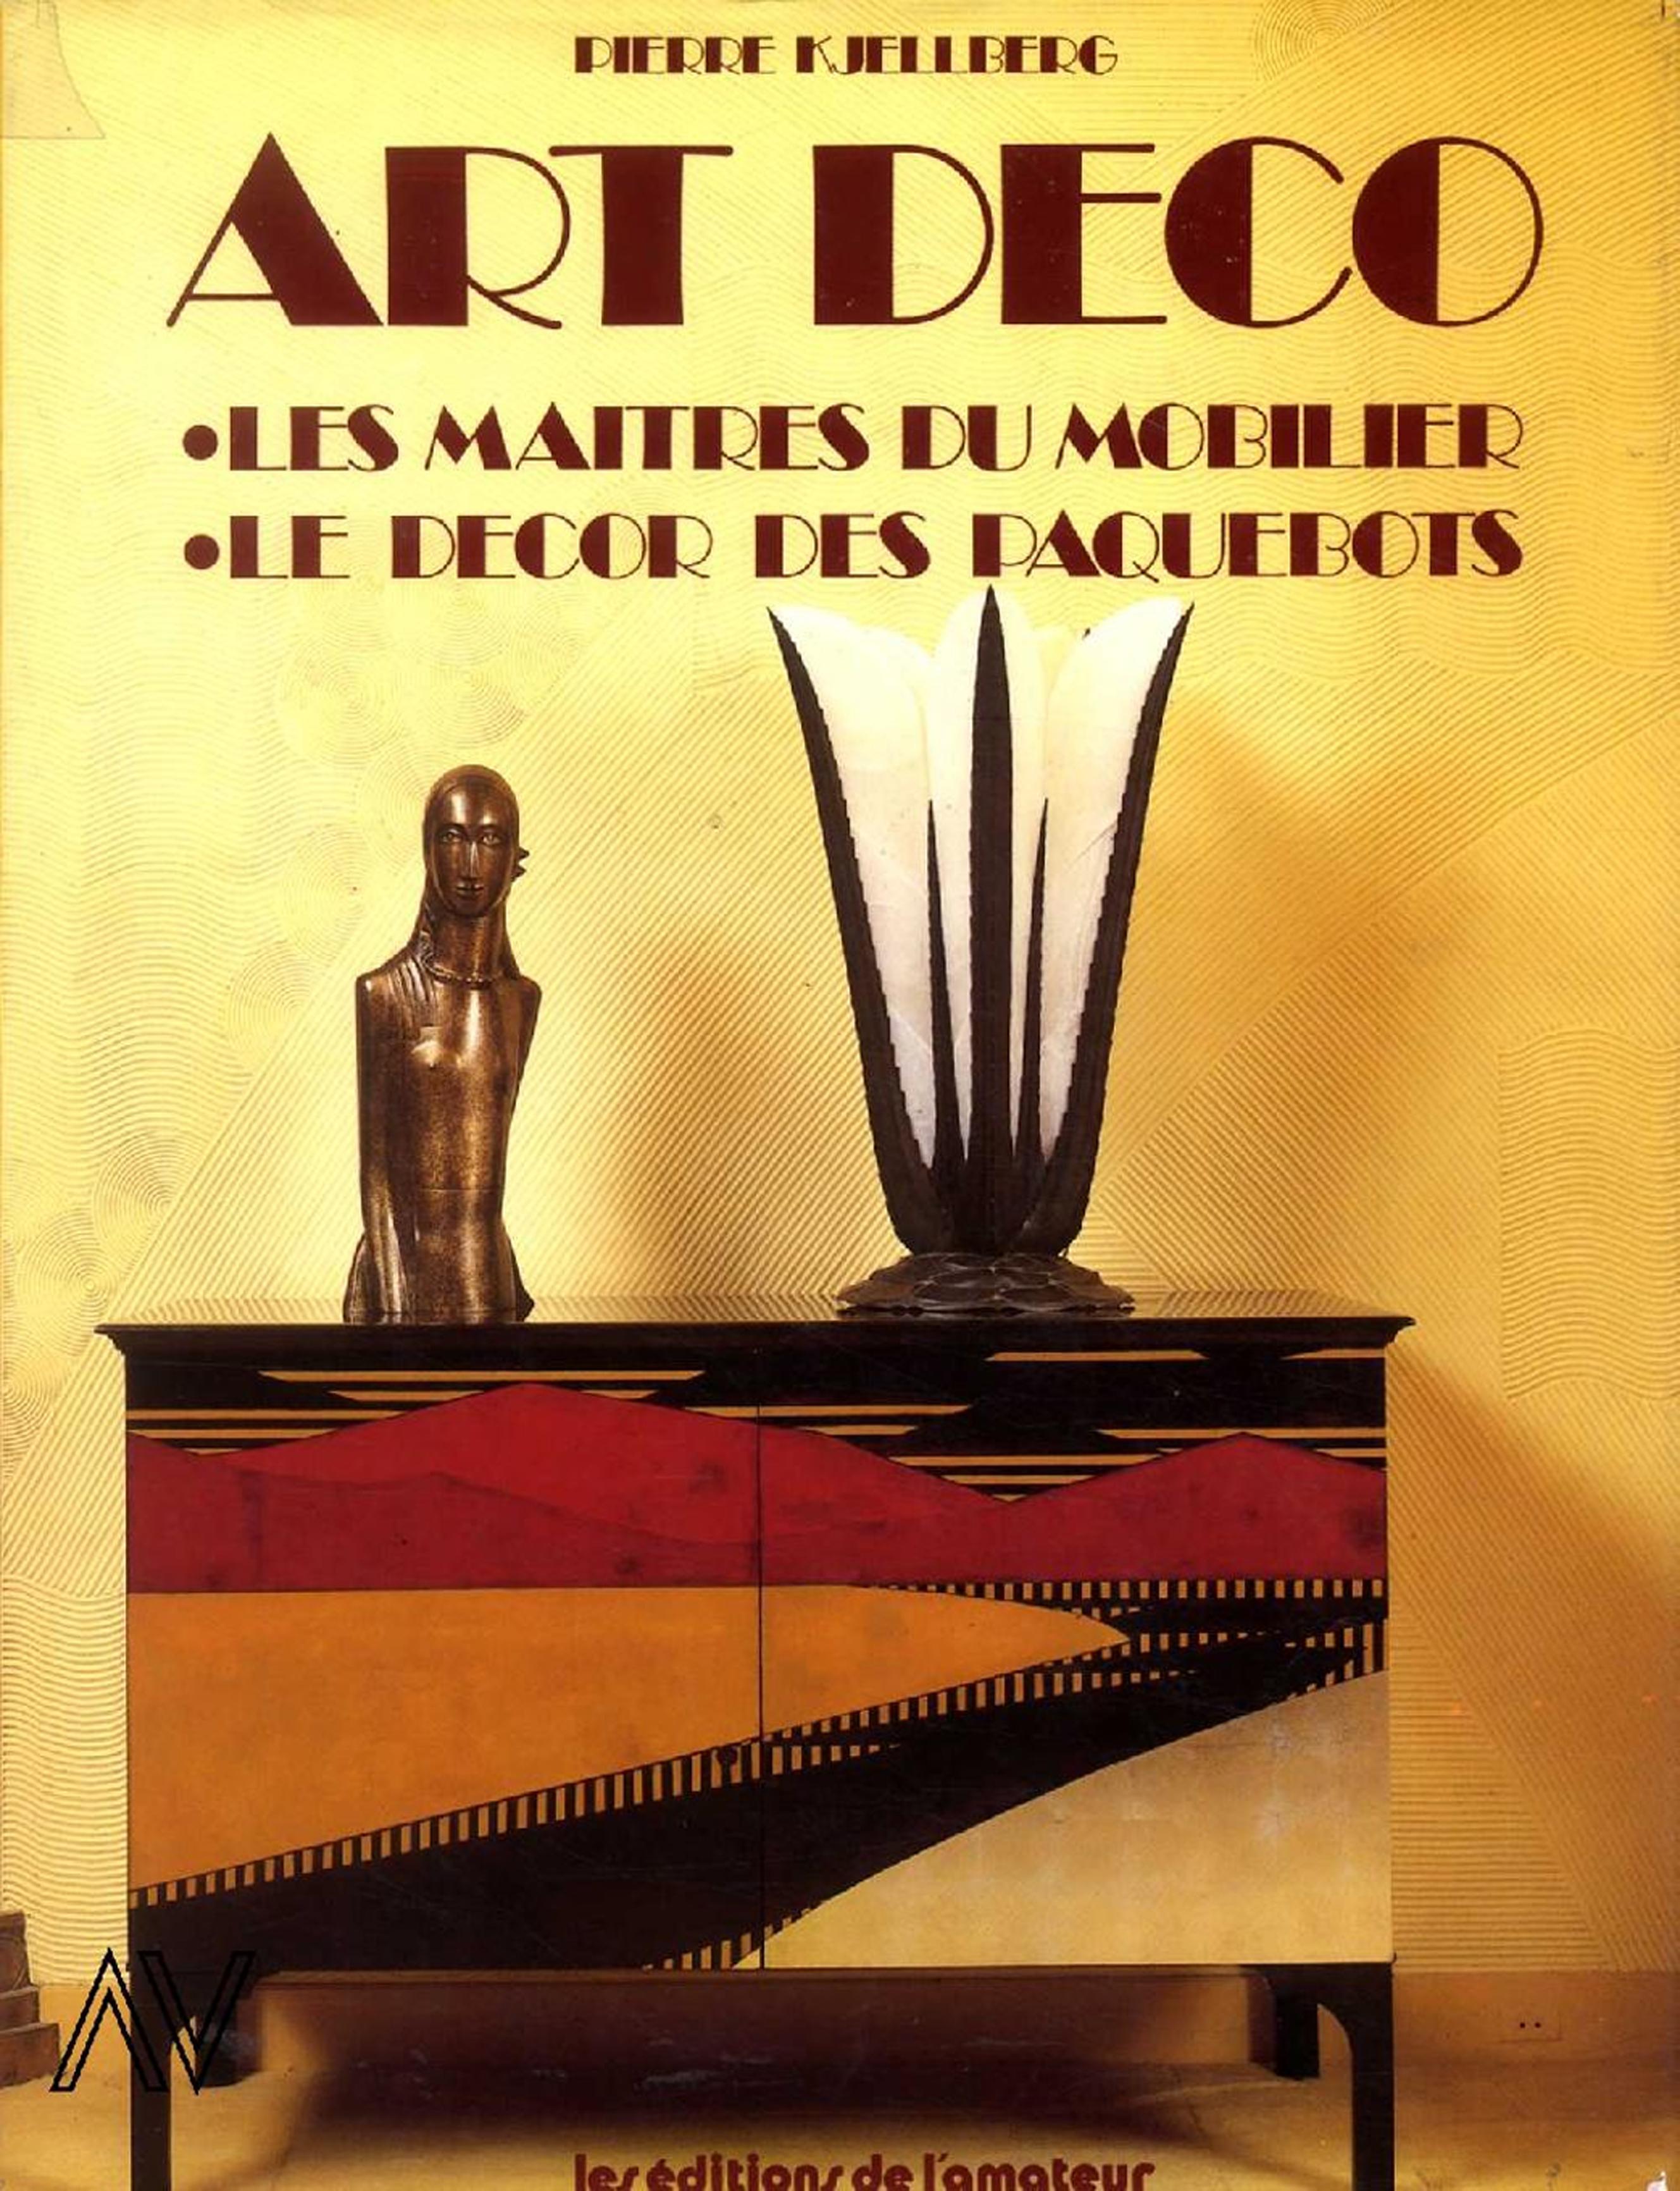 Art Dèco. Les maitres du mobilier. Le dècor des paquebotos. Nuova edizione. Prima edizione 1981.